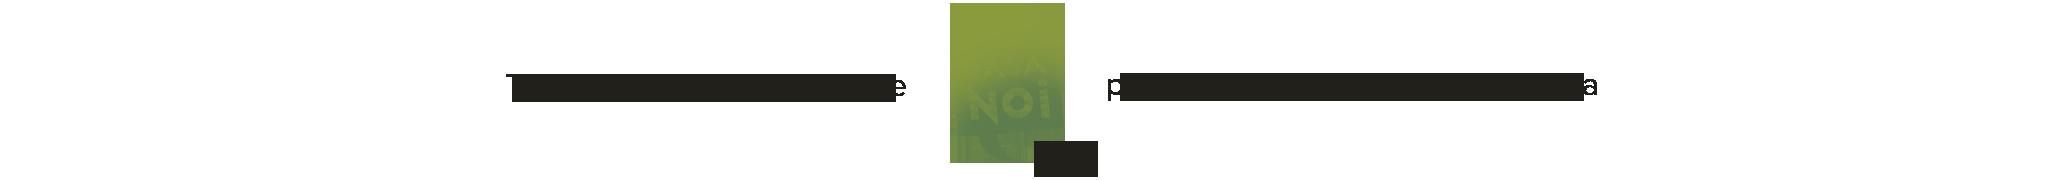 Tutto Quello Che Serve Per Vendere E Acquistare Casa: Il Notaio Risponde |  CasaNoi Blog